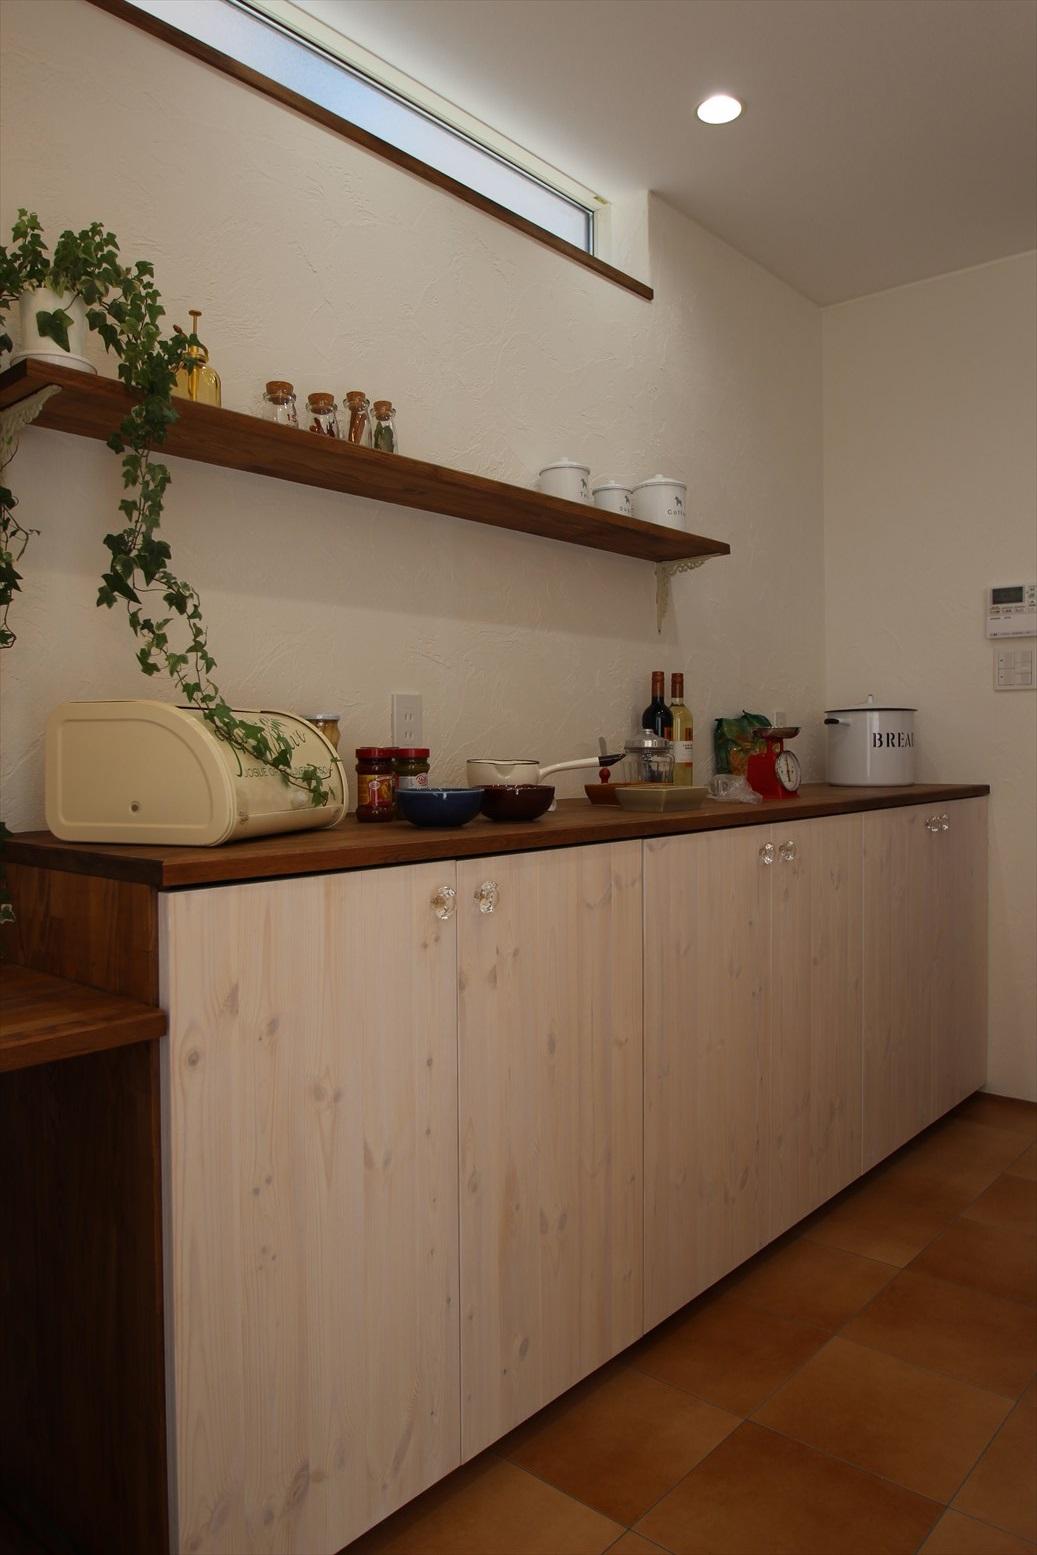 シックな大人フレンチな家 石川県金沢市の注文住宅・デザイン性・新築の家・戸建て E-HOUSE